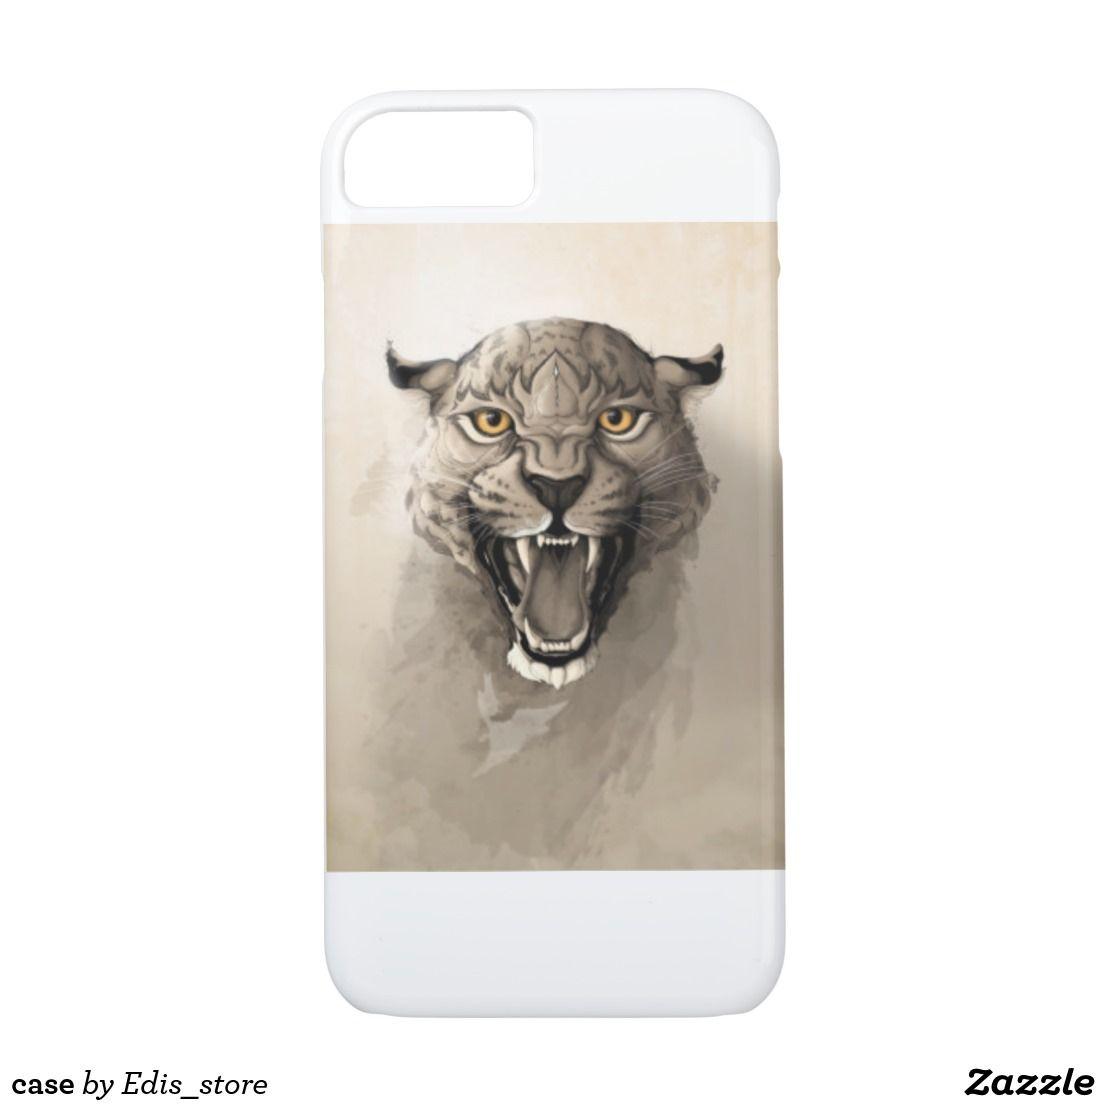 Case iphone cases iphone iphone 8